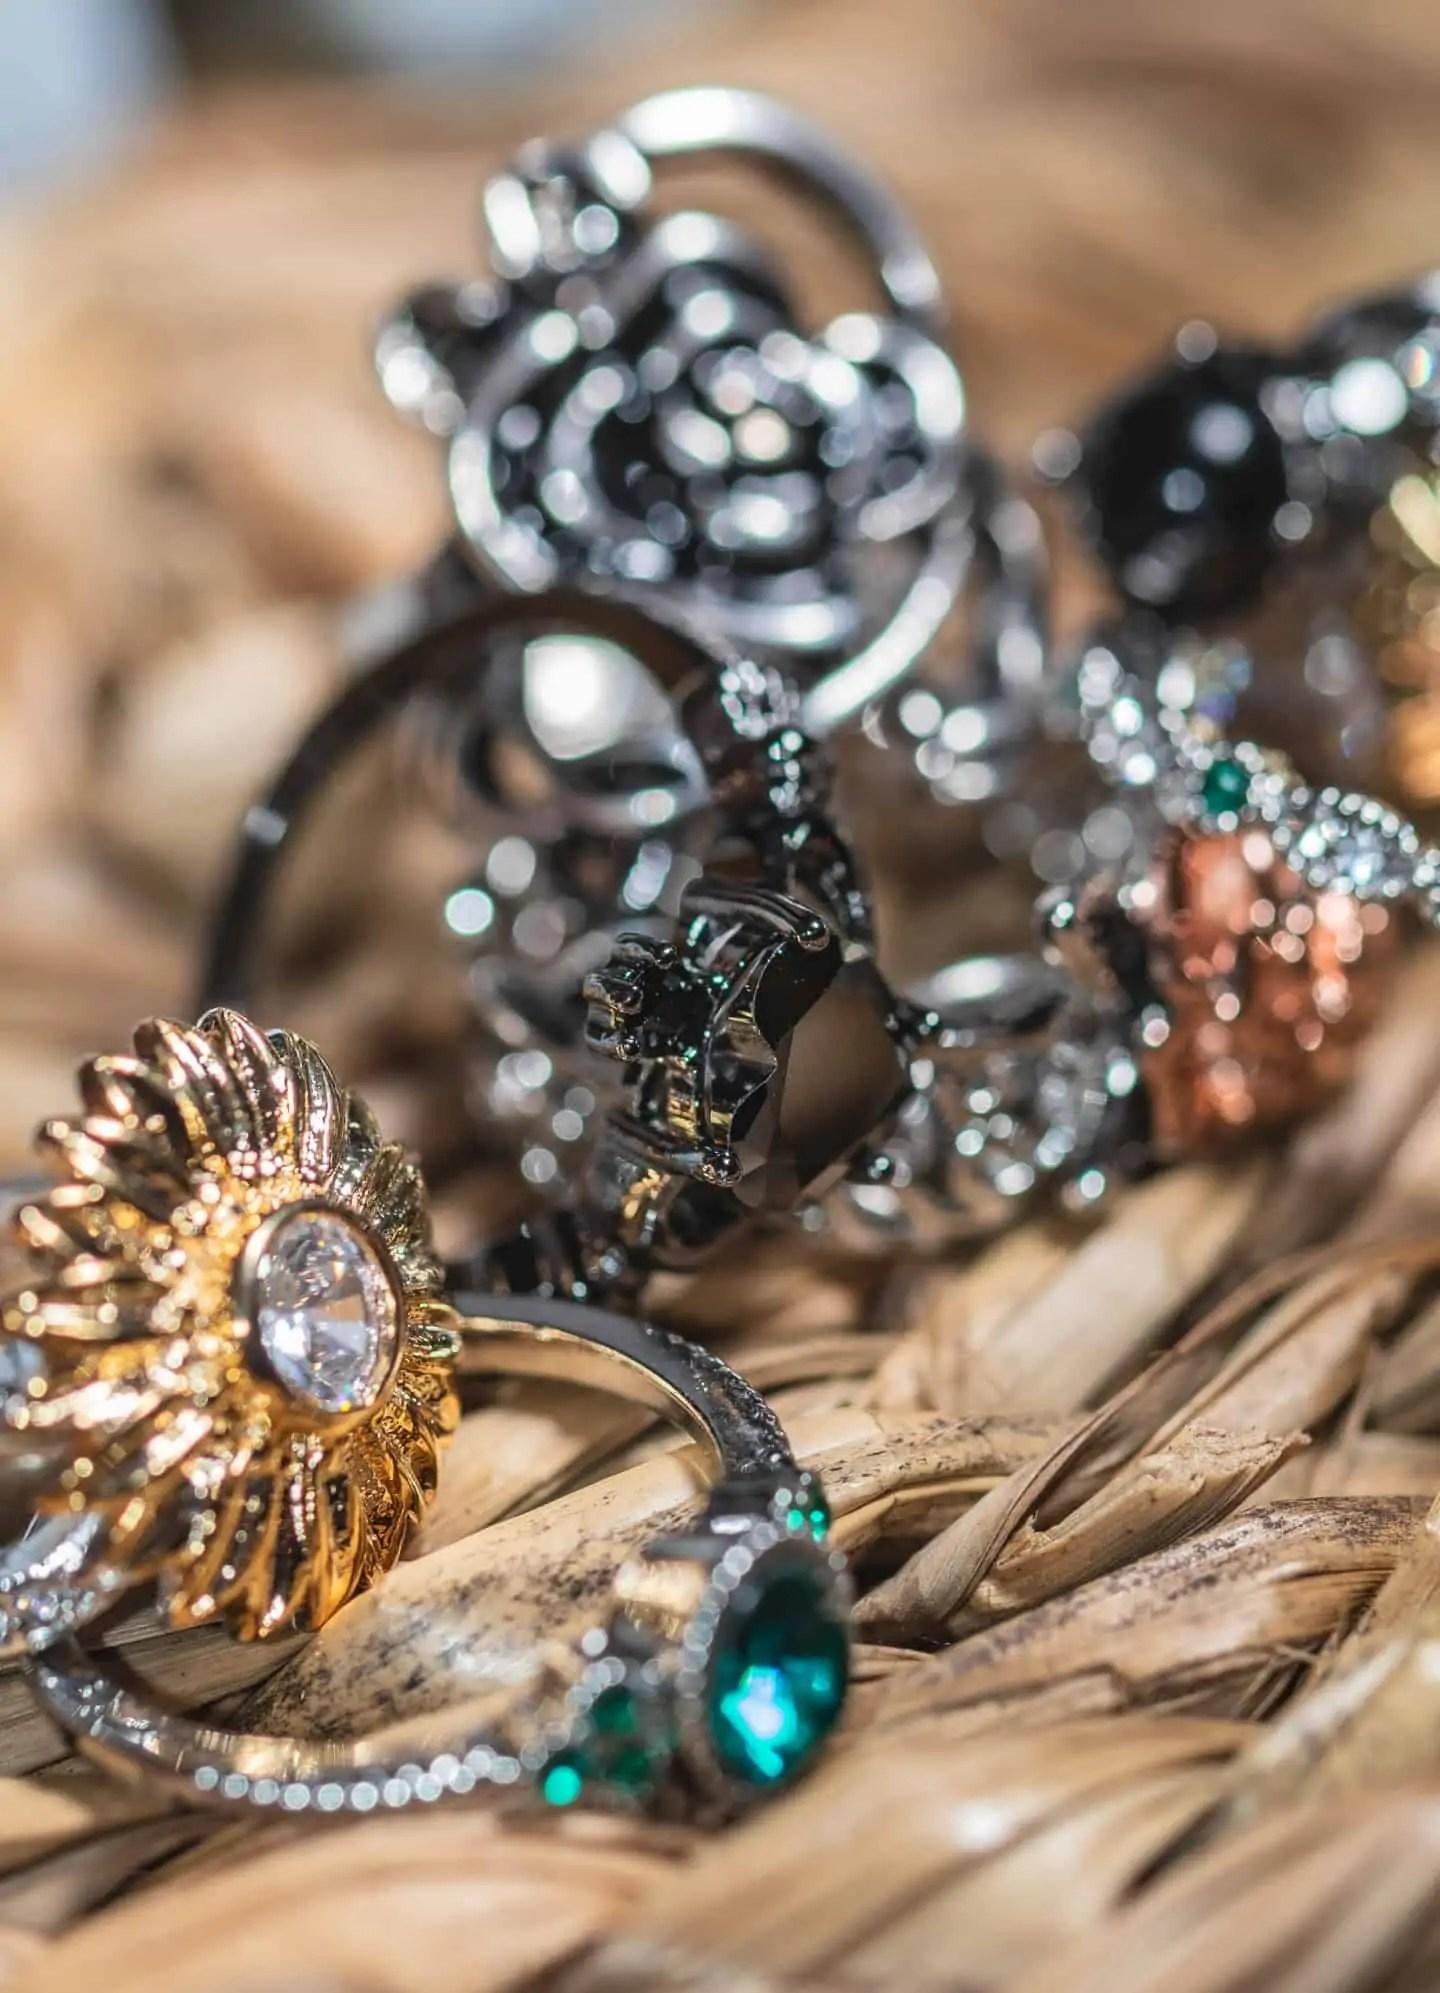 Fotografia produktowa w domu zbiór biżuterii i czarne pierścionki - refleksy czarna biżuteria